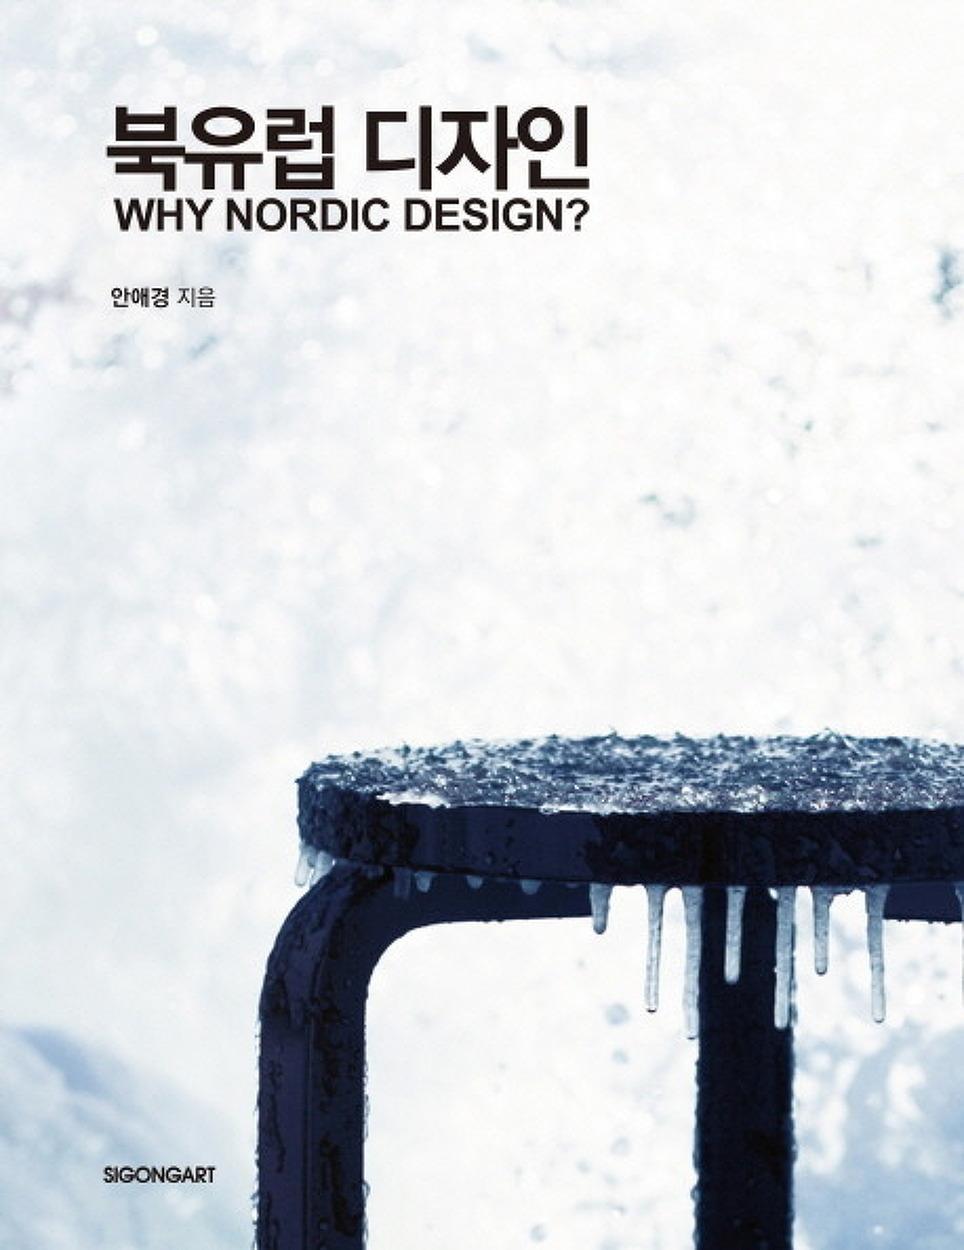 북유럽을 쉽게 알 수 있도록 돕는 책(3) - 북유럽 디자인